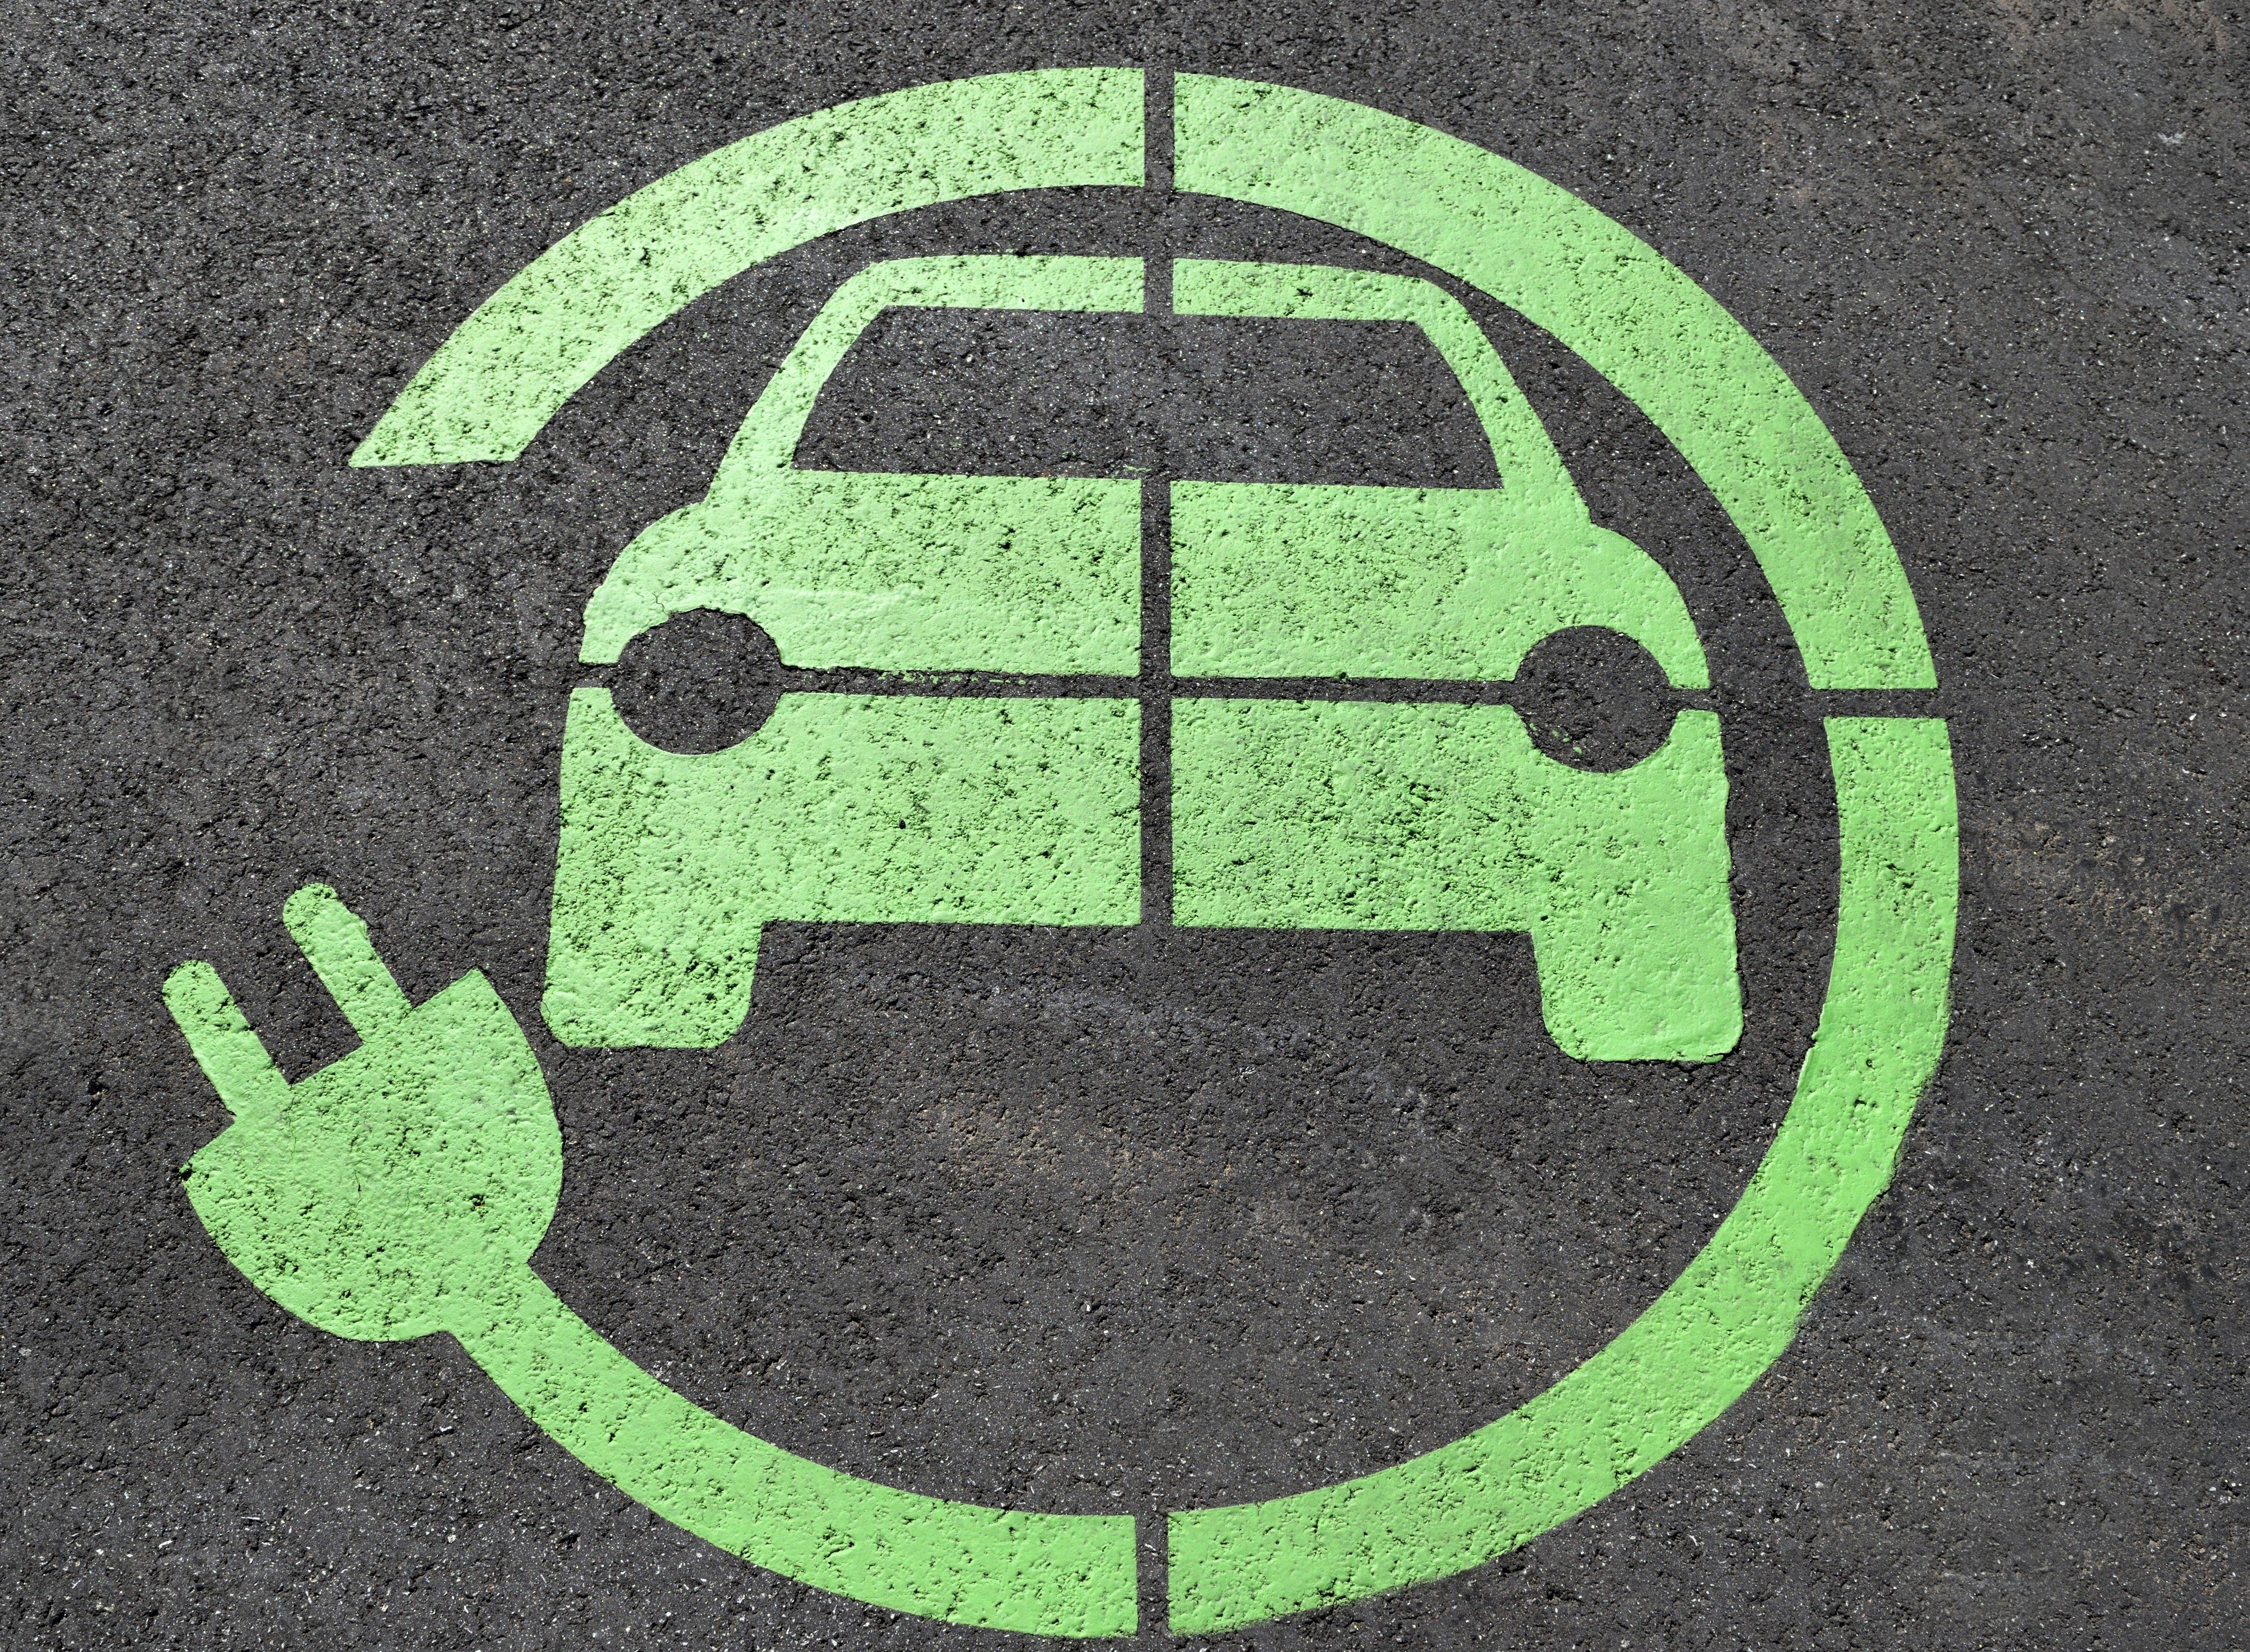 סוללה ירוקה לרכב ירוק